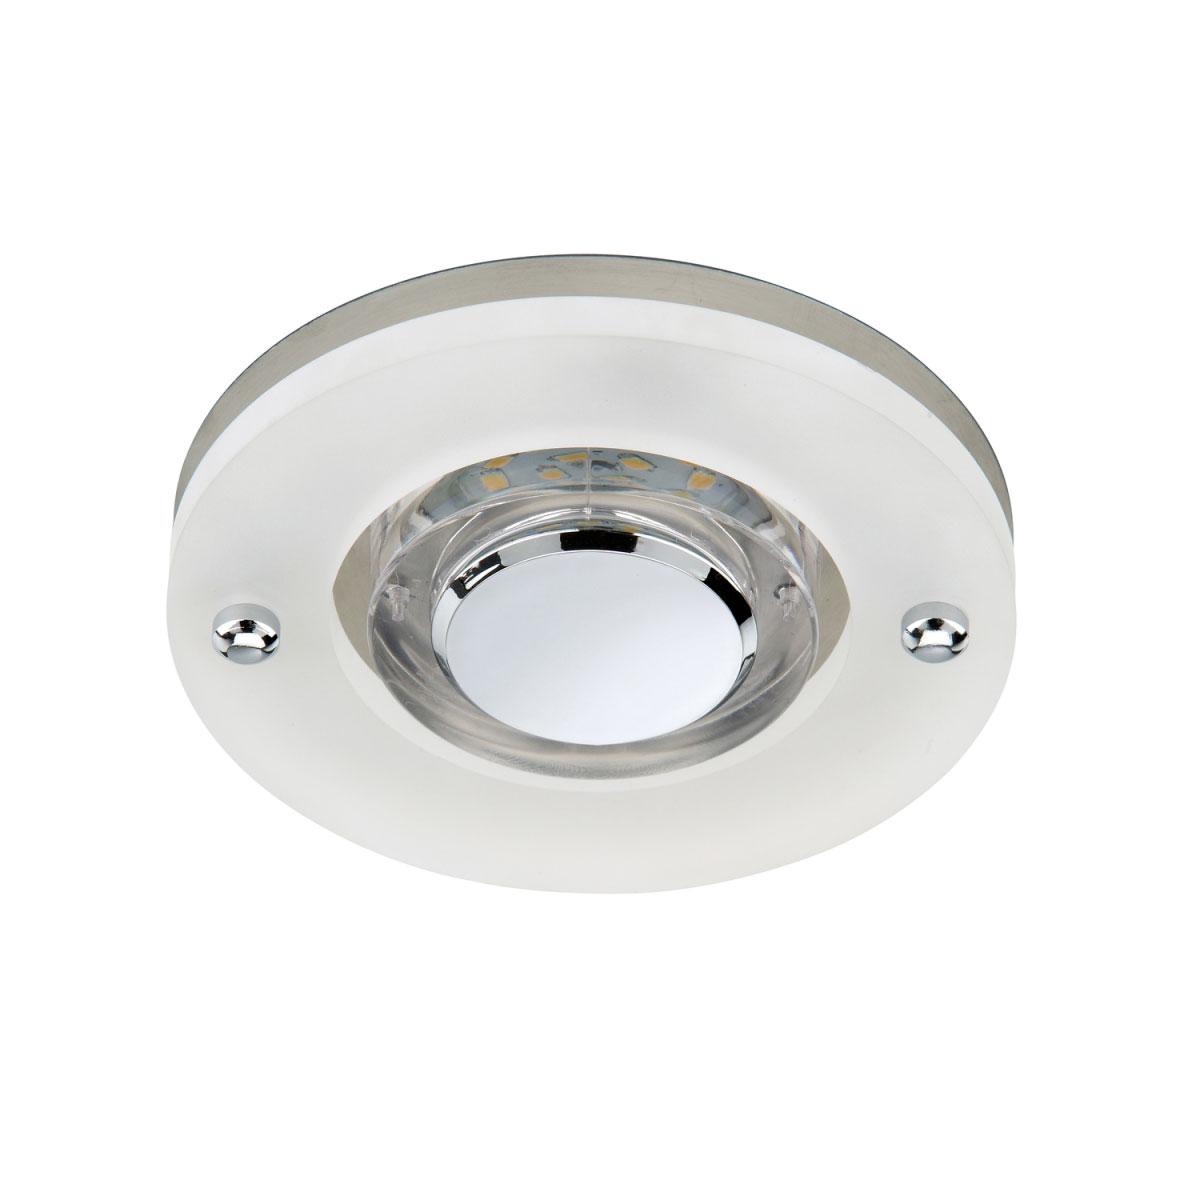 Deckenleuchten - LED Einbauleuchte, matt, Modul, rund, Glas  - Onlineshop Hellweg